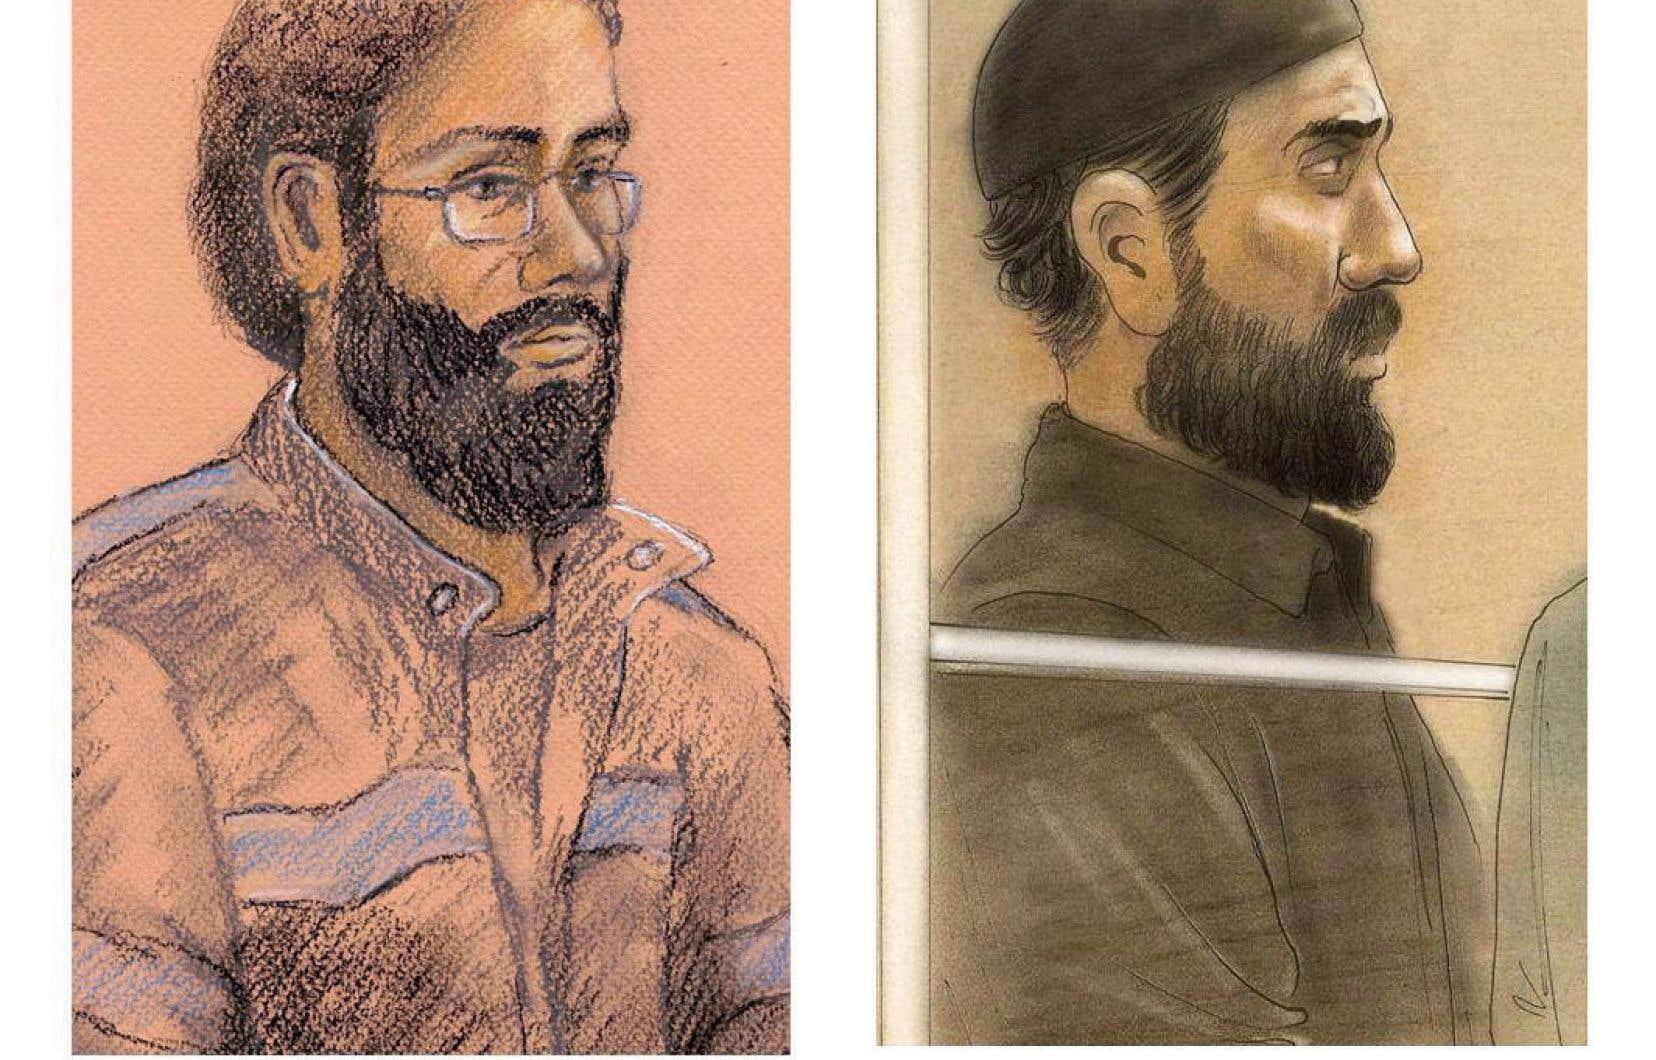 La Cour d'appel de l'Ontario a estimé qu'il y avait eu des irrégularités dans la sélection des jurés qui ont reconnu coupables Raed Jaser et Chiheb Esseghaier qui devront subir un nouveau procès.